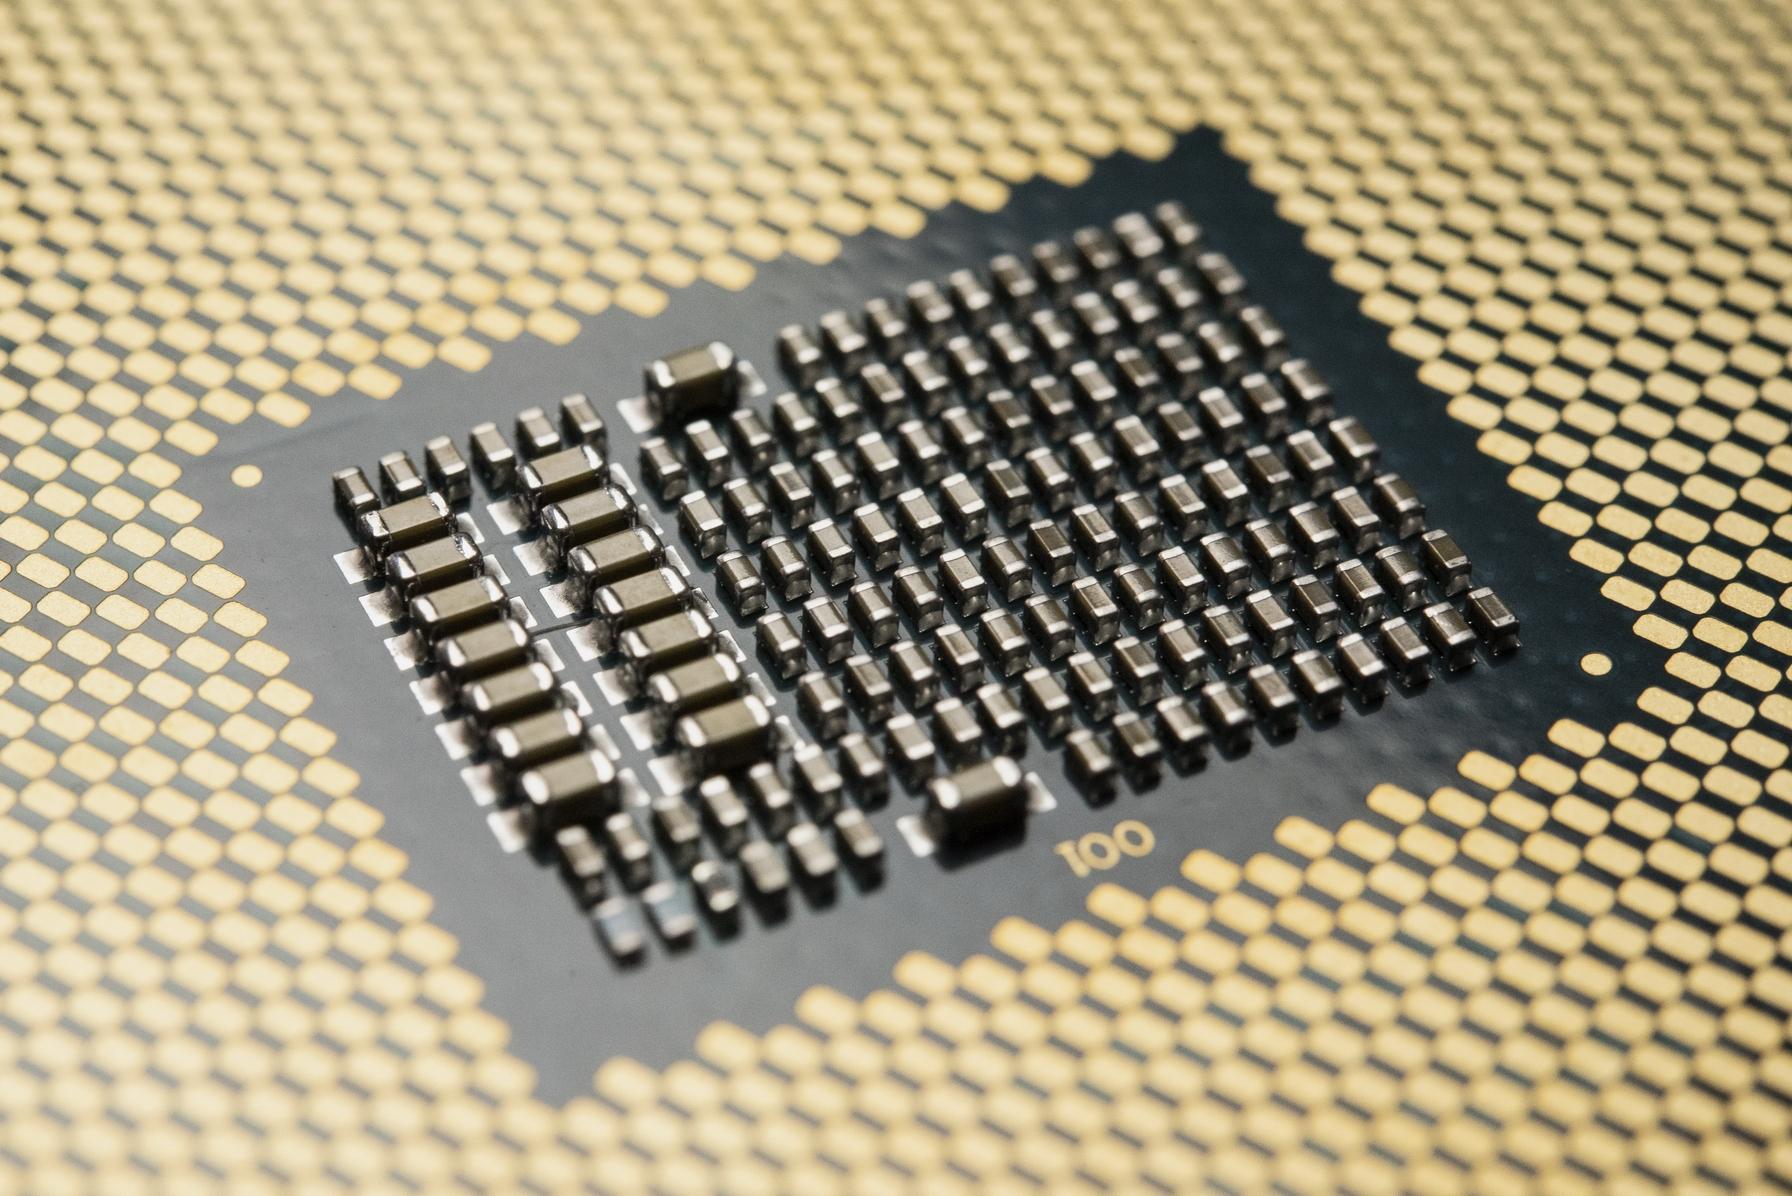 Linux之父:Intel别浪费时间在AVX512指令集 多堆核心